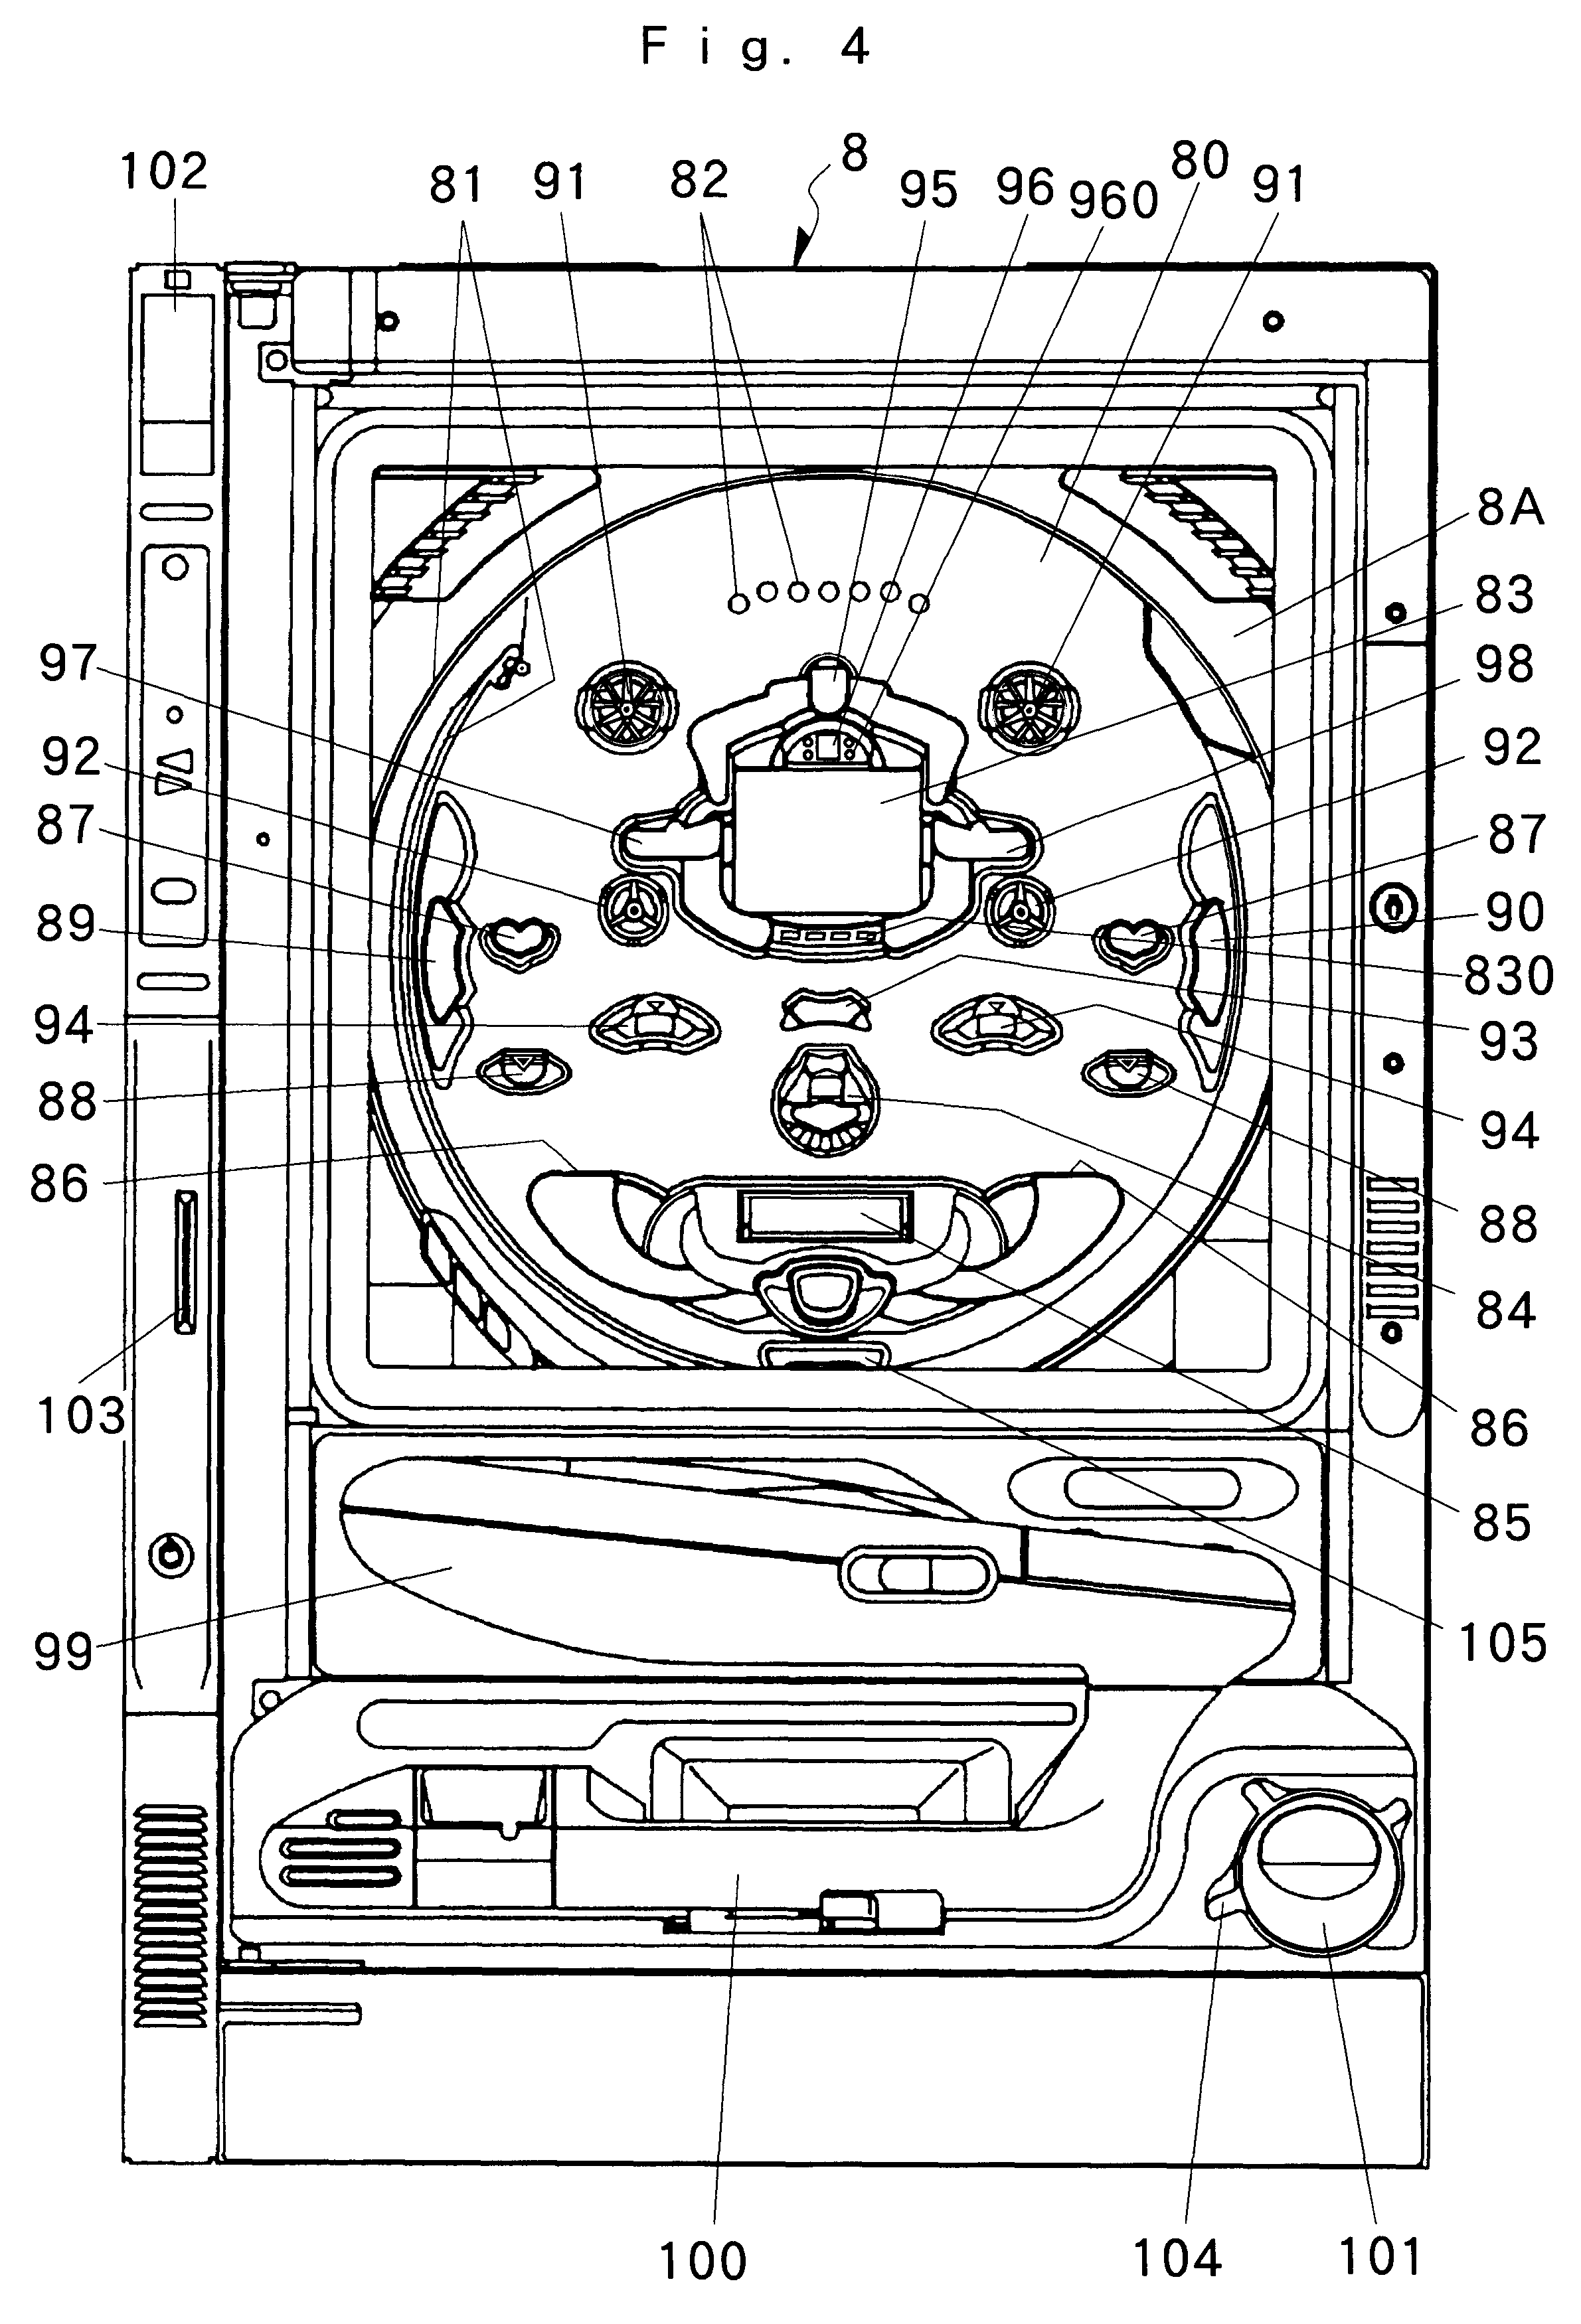 Diagram Of A Pinball Machine Com